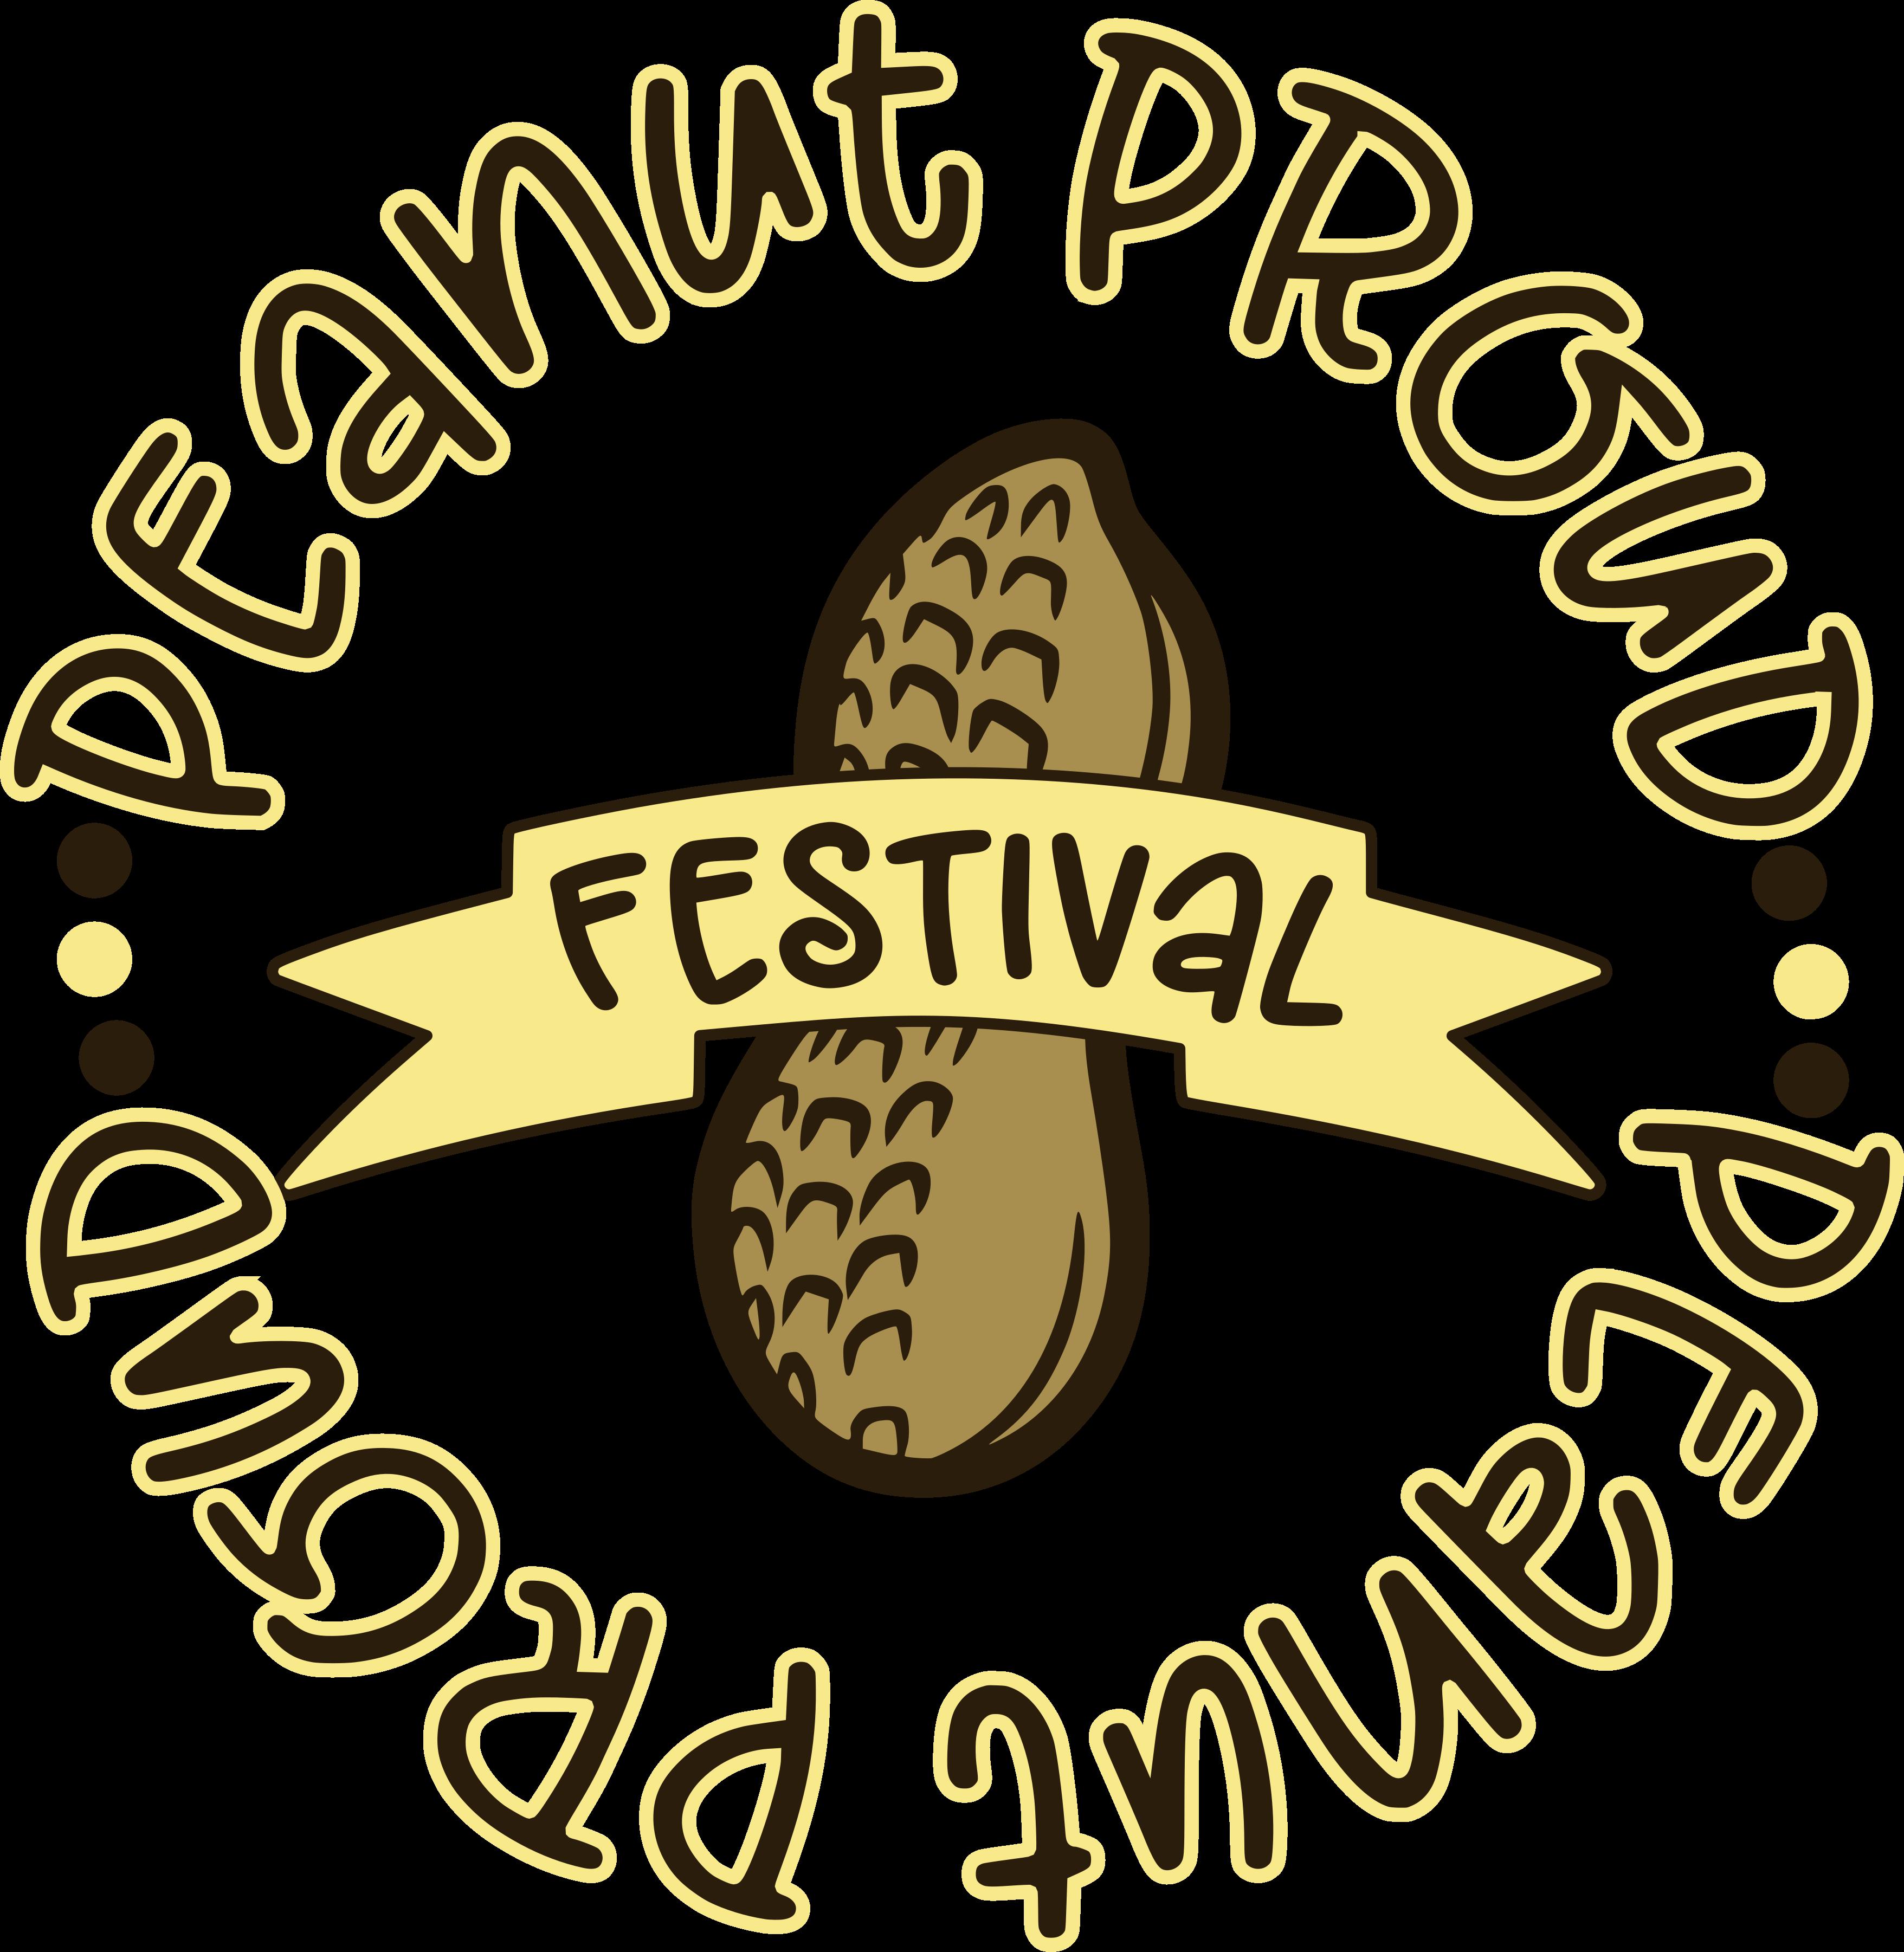 Proud clipart big business. Entertainment peanut festival